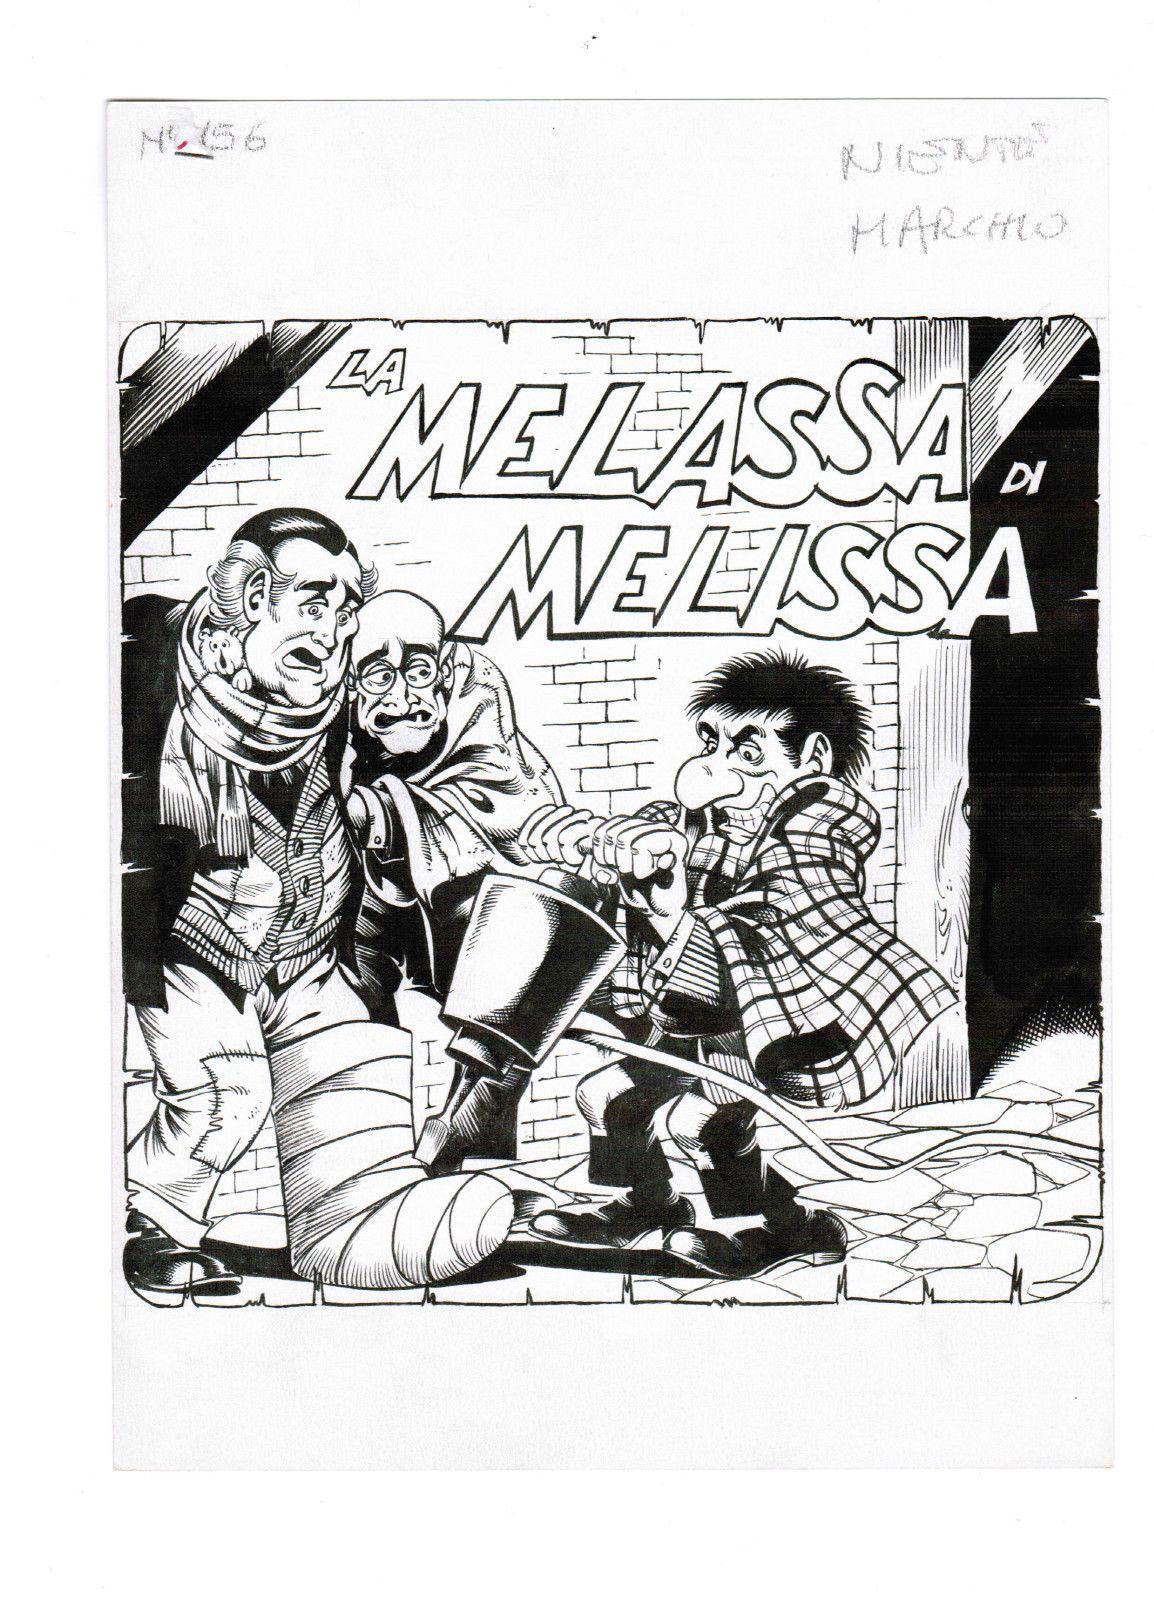 Alan ford gruppo t n t ubc enciclopedia online del fumetto - Paolo Piffarerio Tavola Originale Cover Alan Ford 156